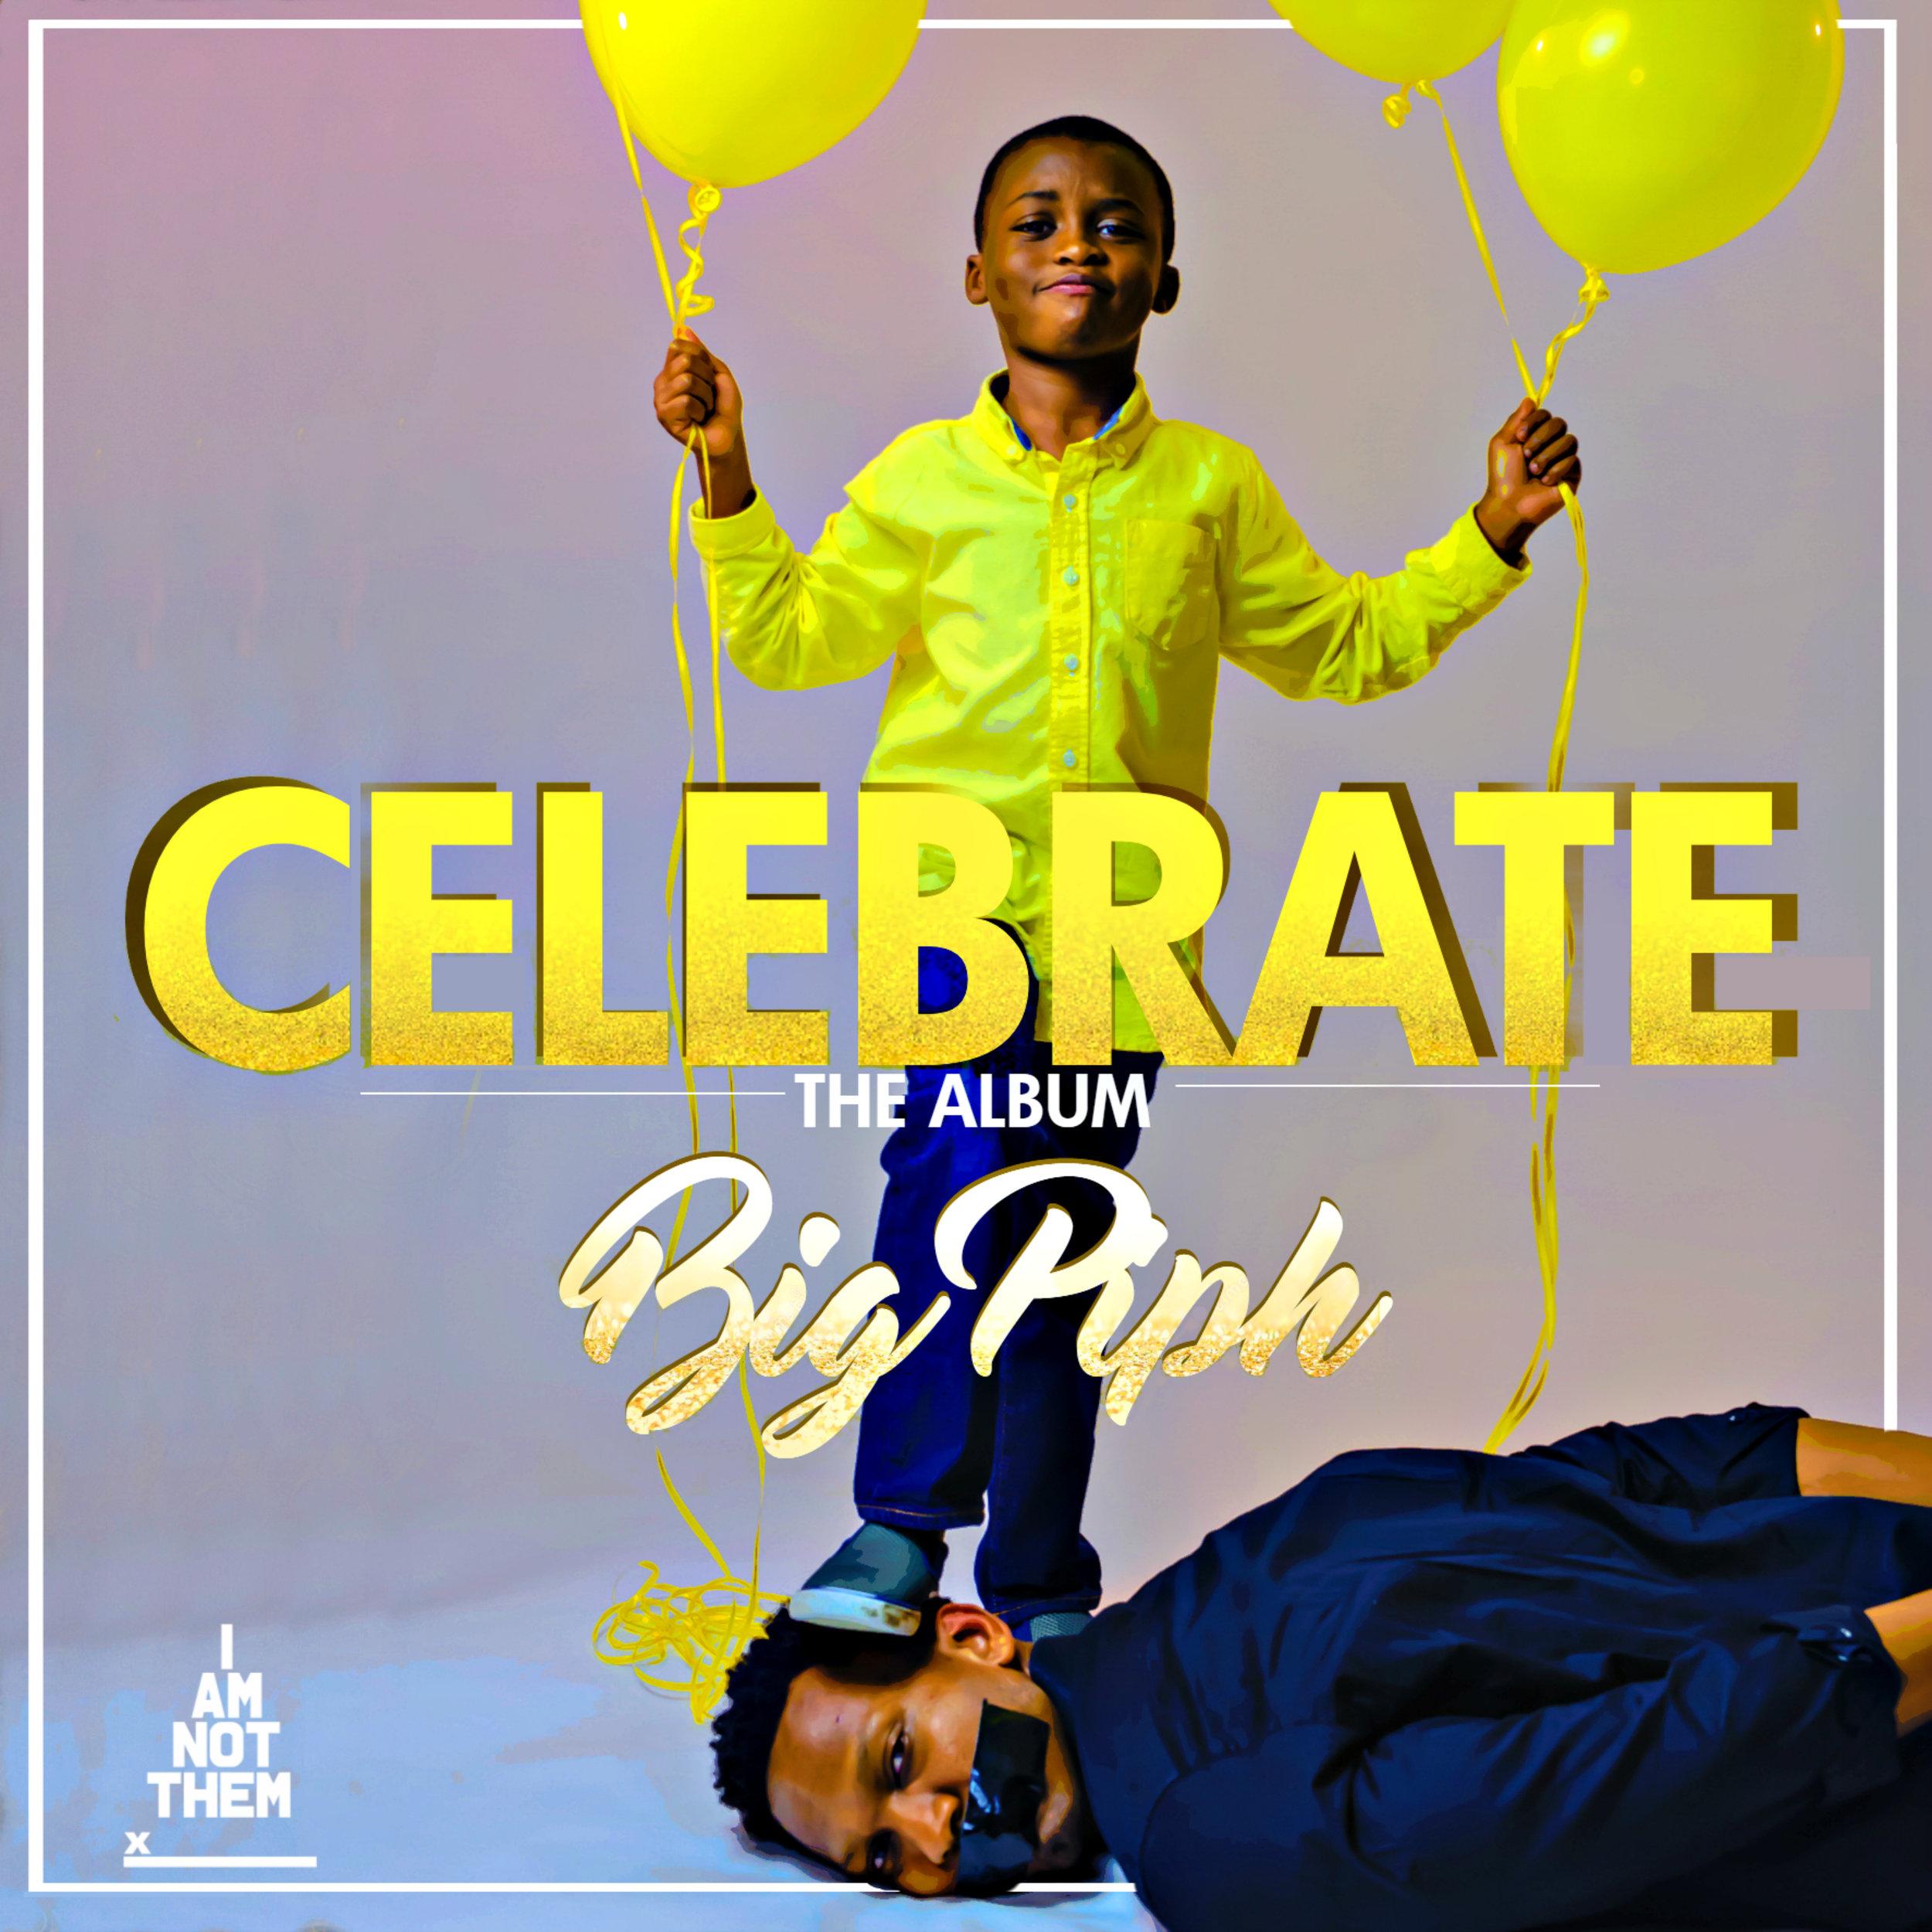 Celebrate cover